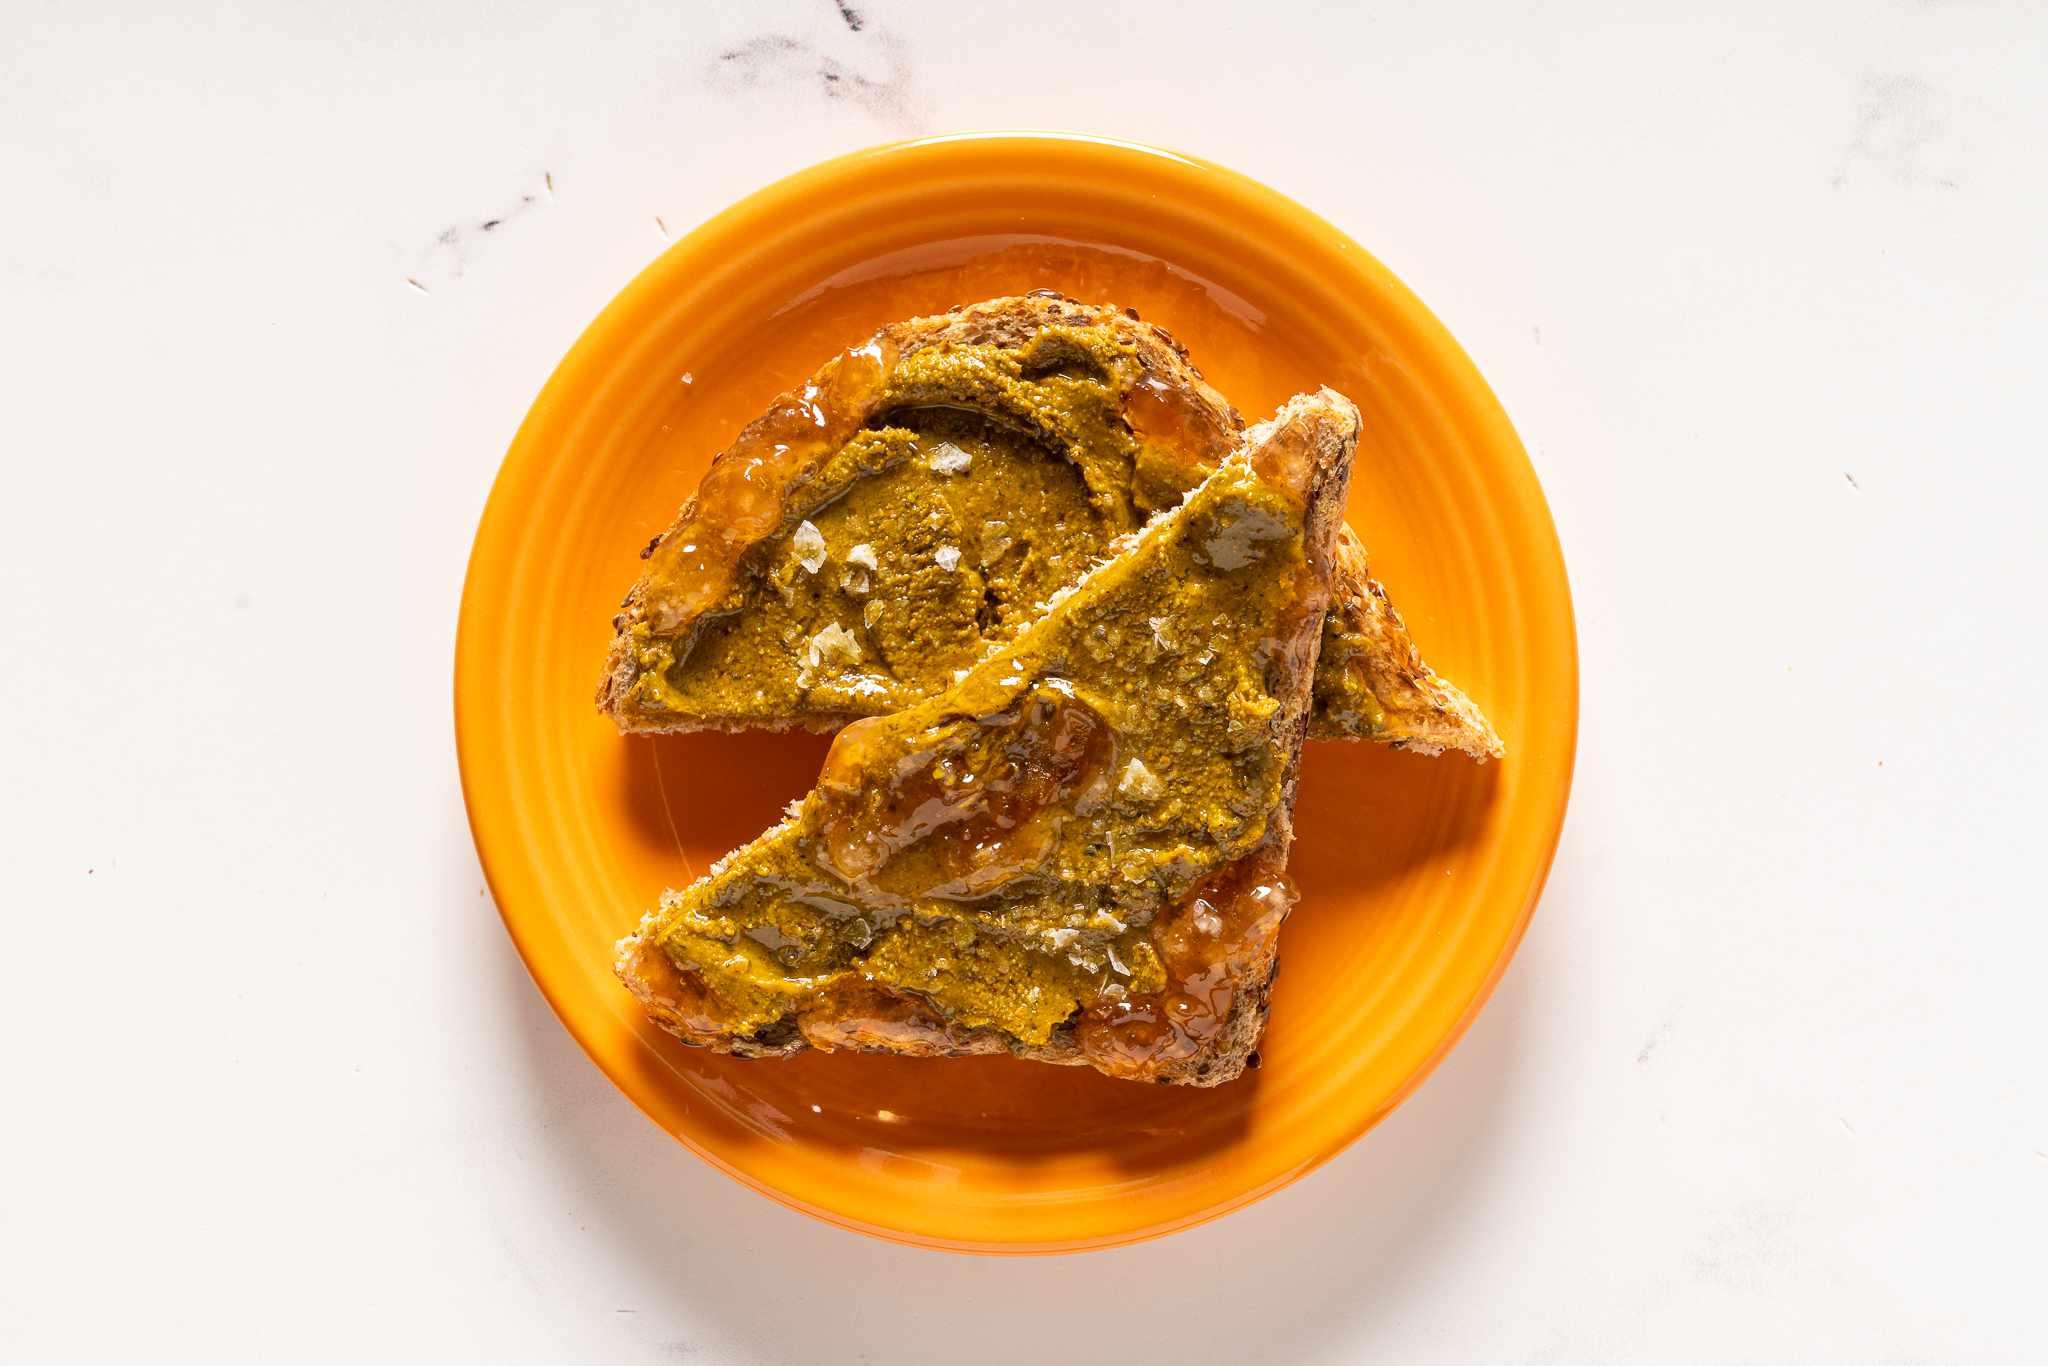 Pistachio butter on toast